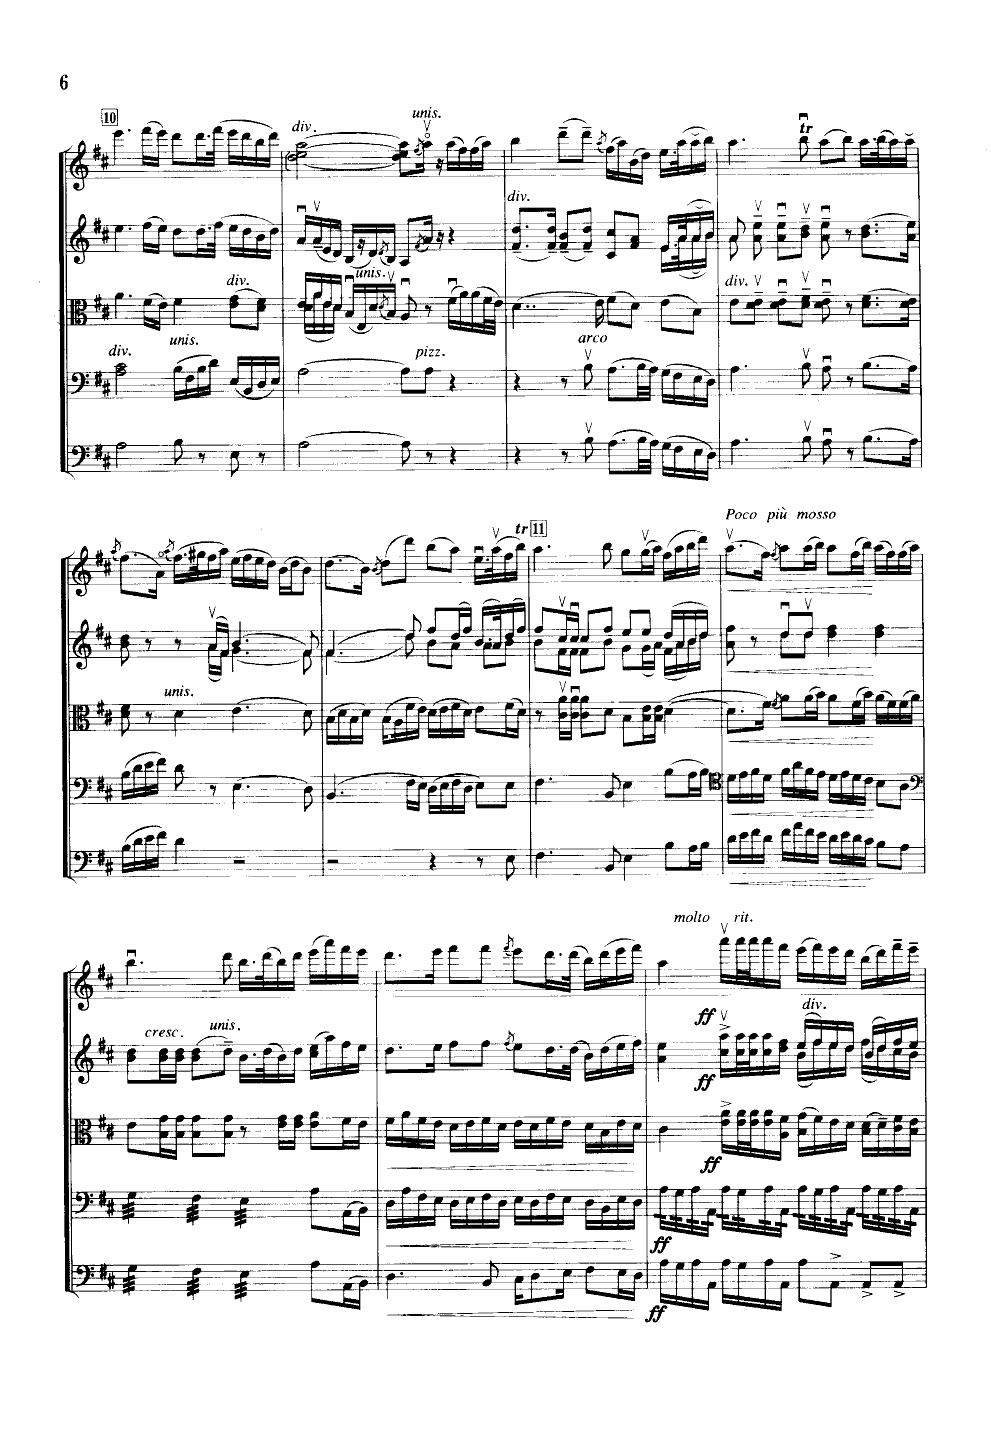 二泉映月 弦乐合奏